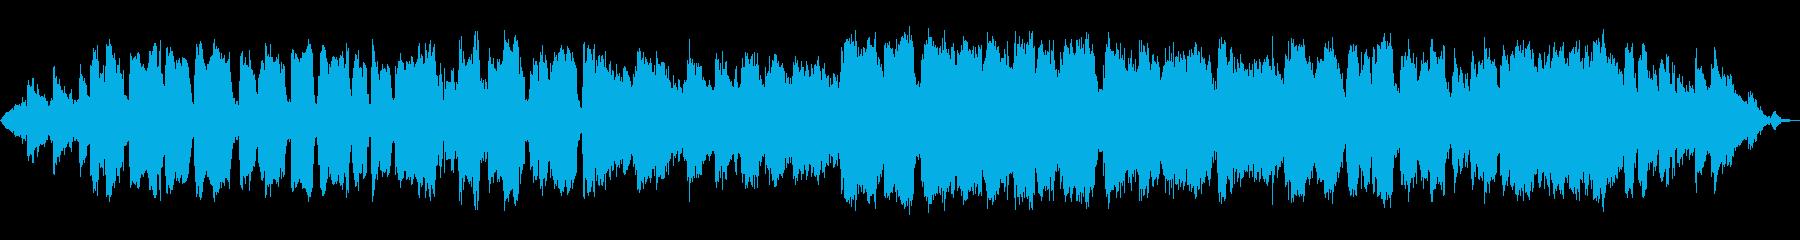 瞑想の竹笛の再生済みの波形